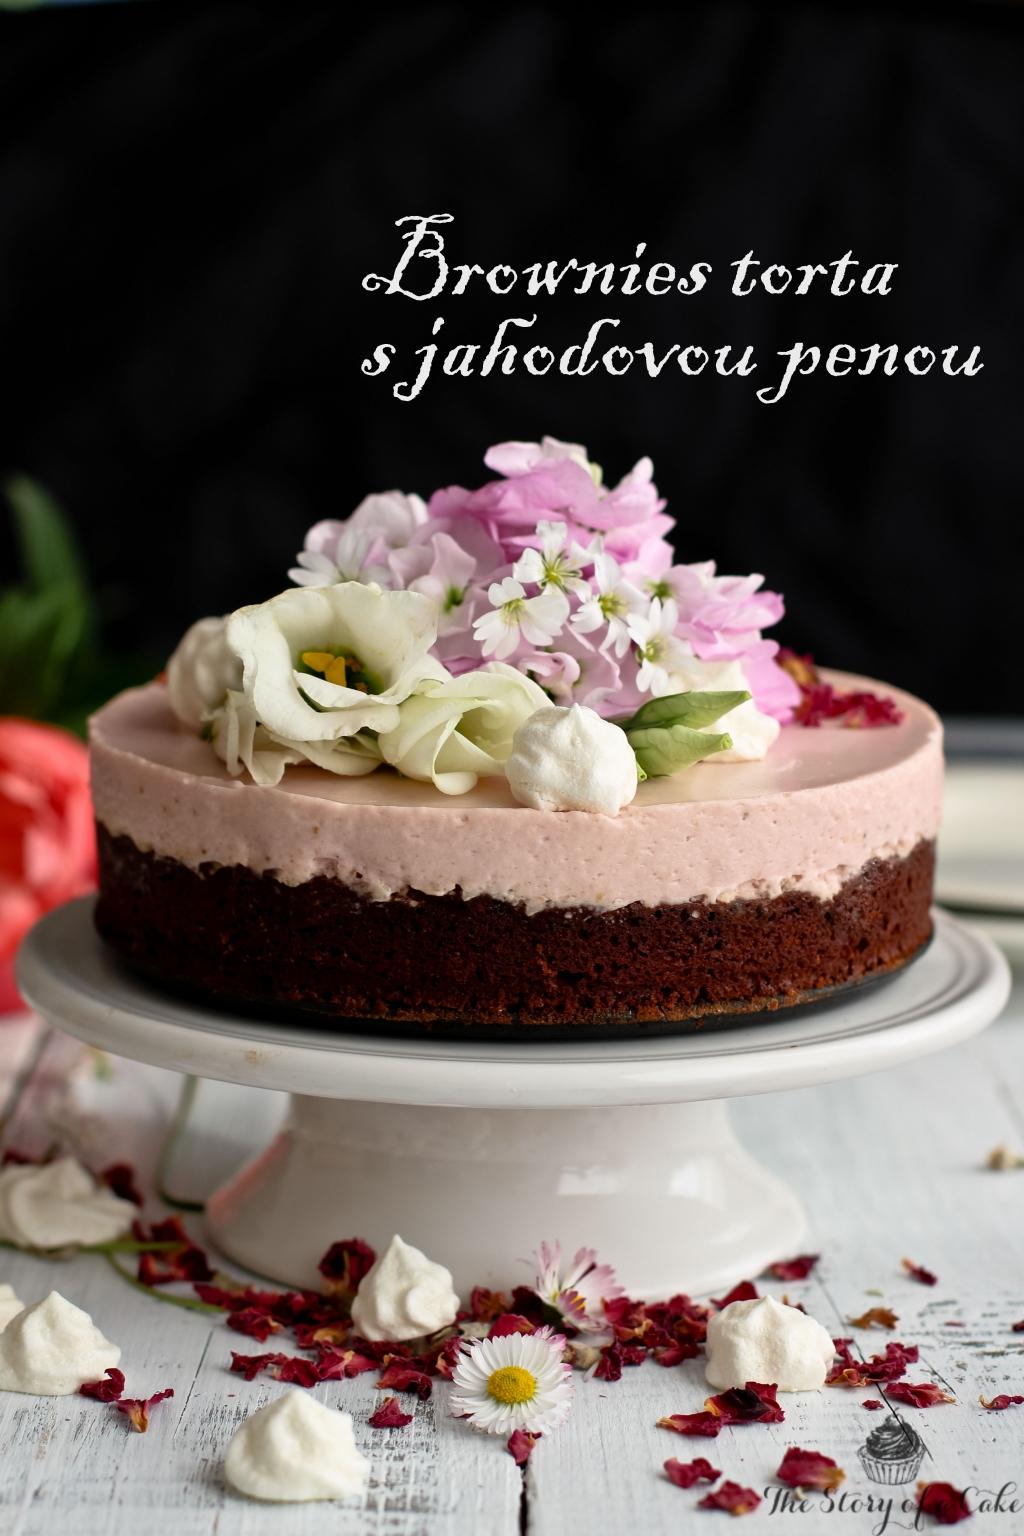 Brownies torta s jahodovou penou